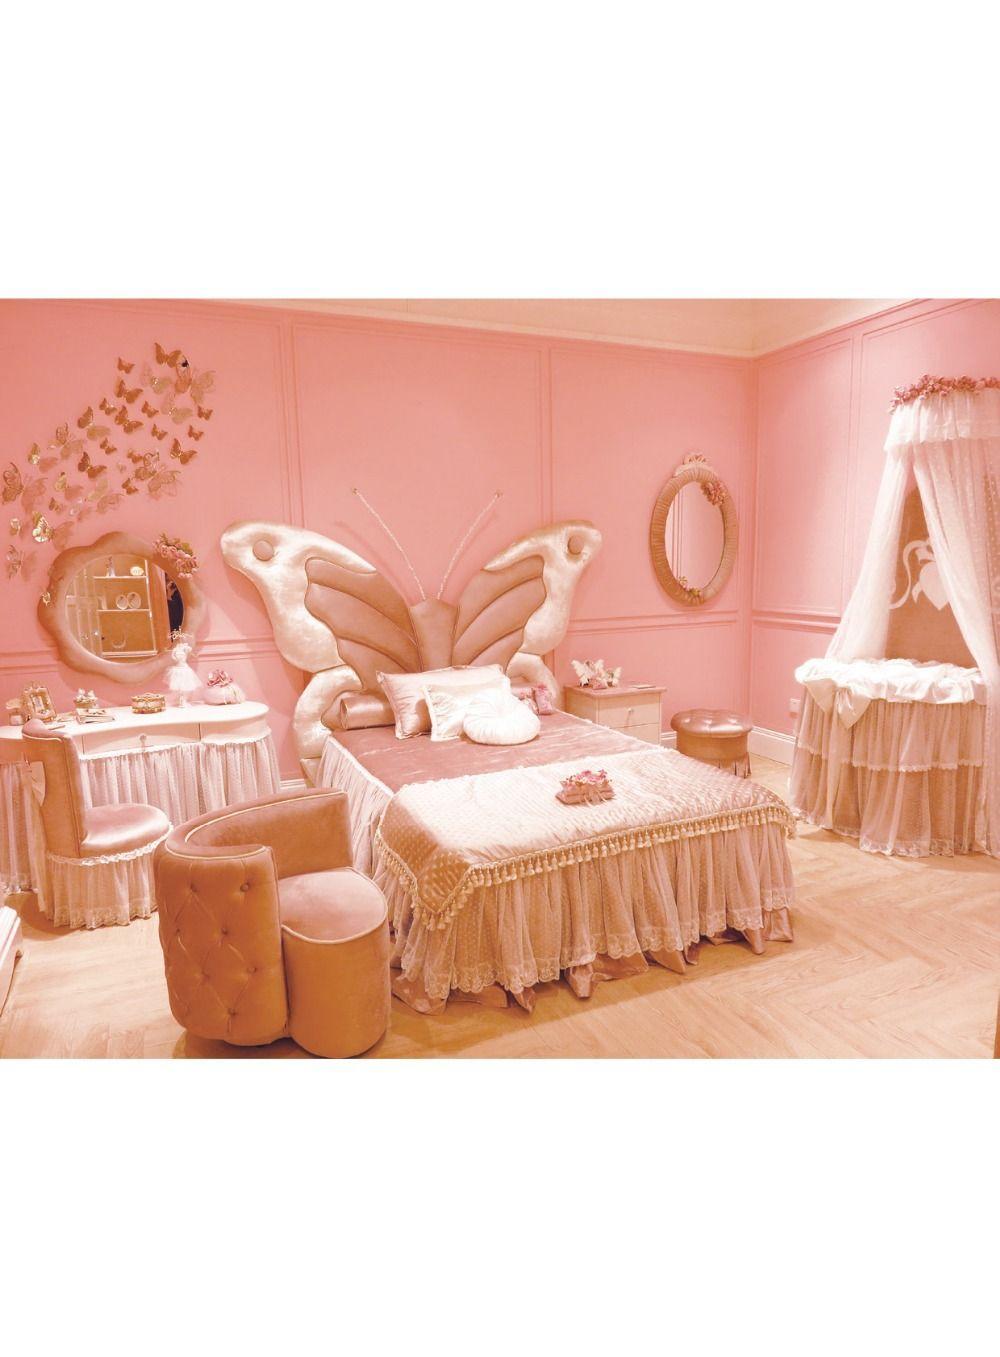 Märchen Stil Massivholz Kinder Bett Schmetterling Form Kopfteil Mit Top  Qualität Stoff Prinzessin Schlafzimmer